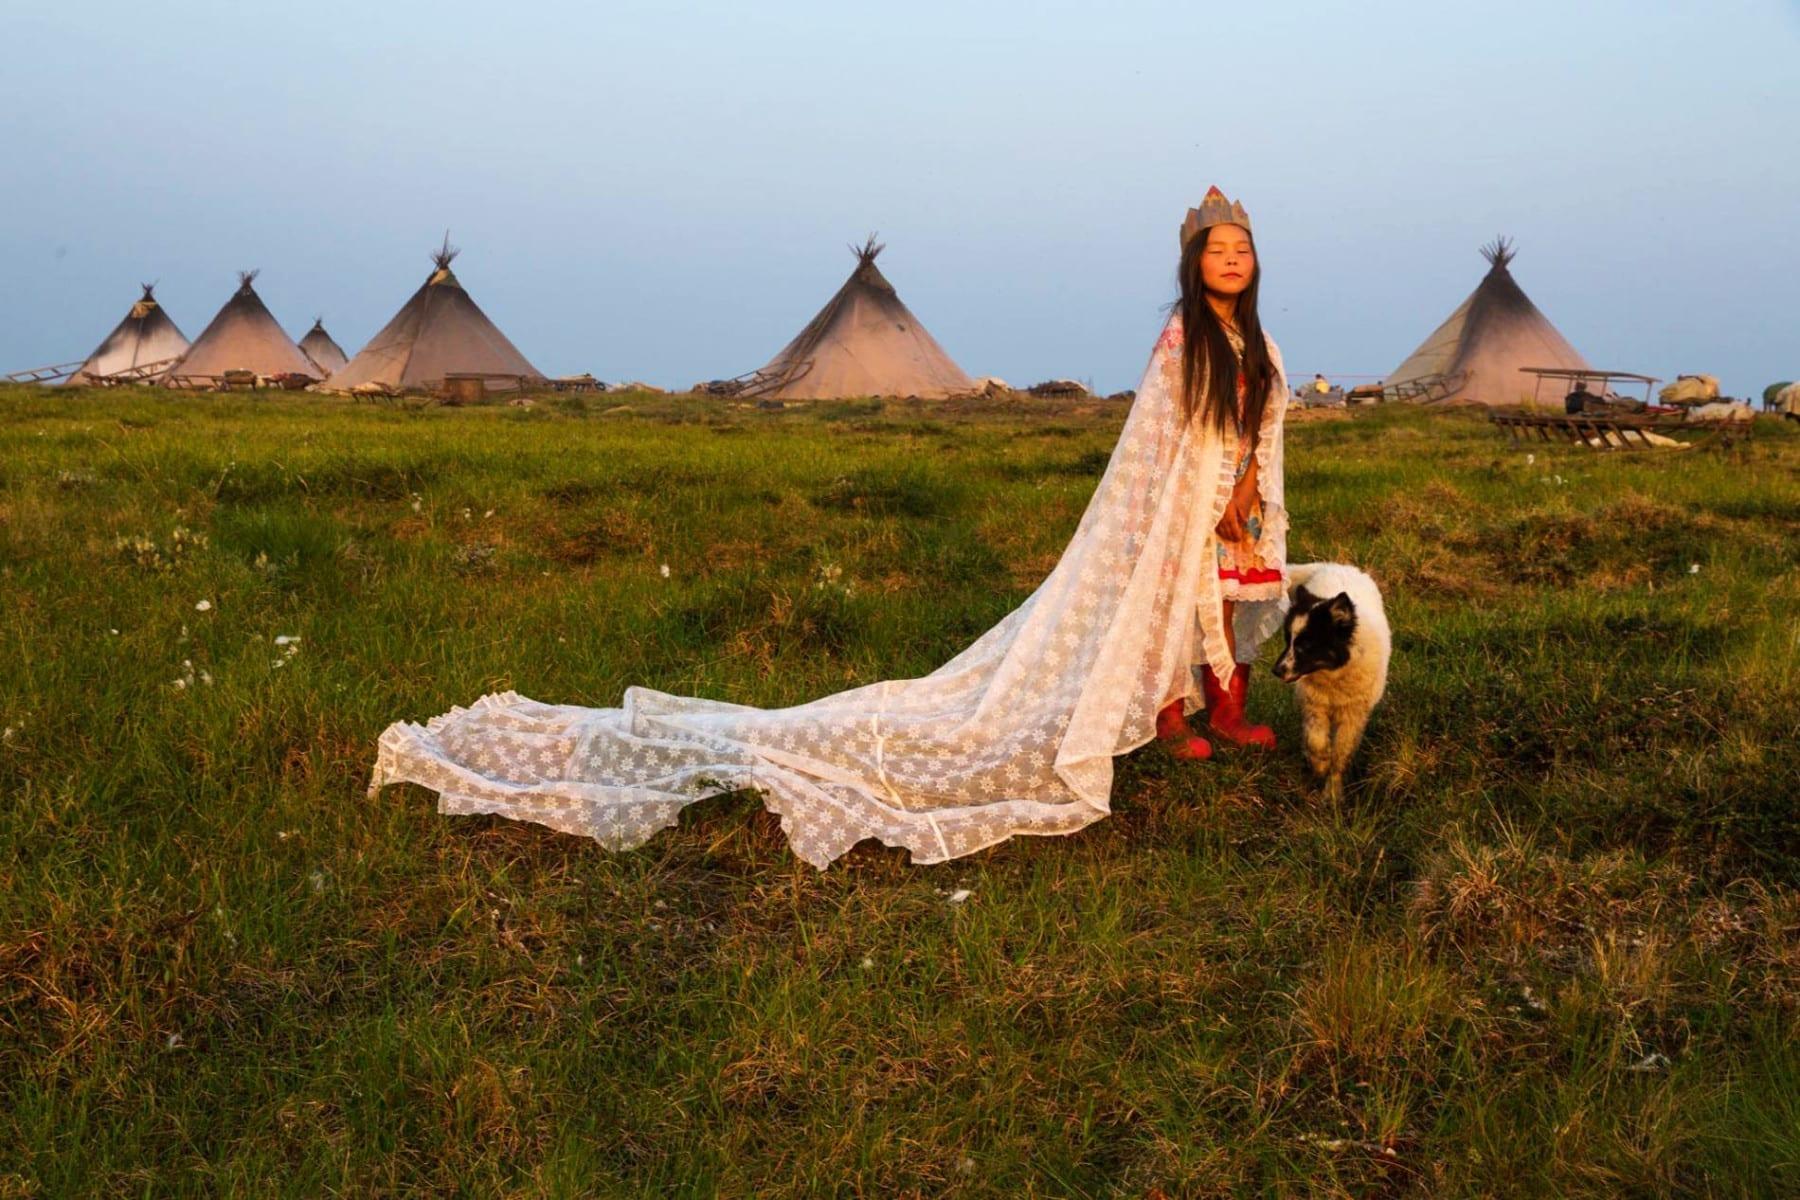 tundra-princess-le-99-cose-migliori-che-sono-successe-nel-2017